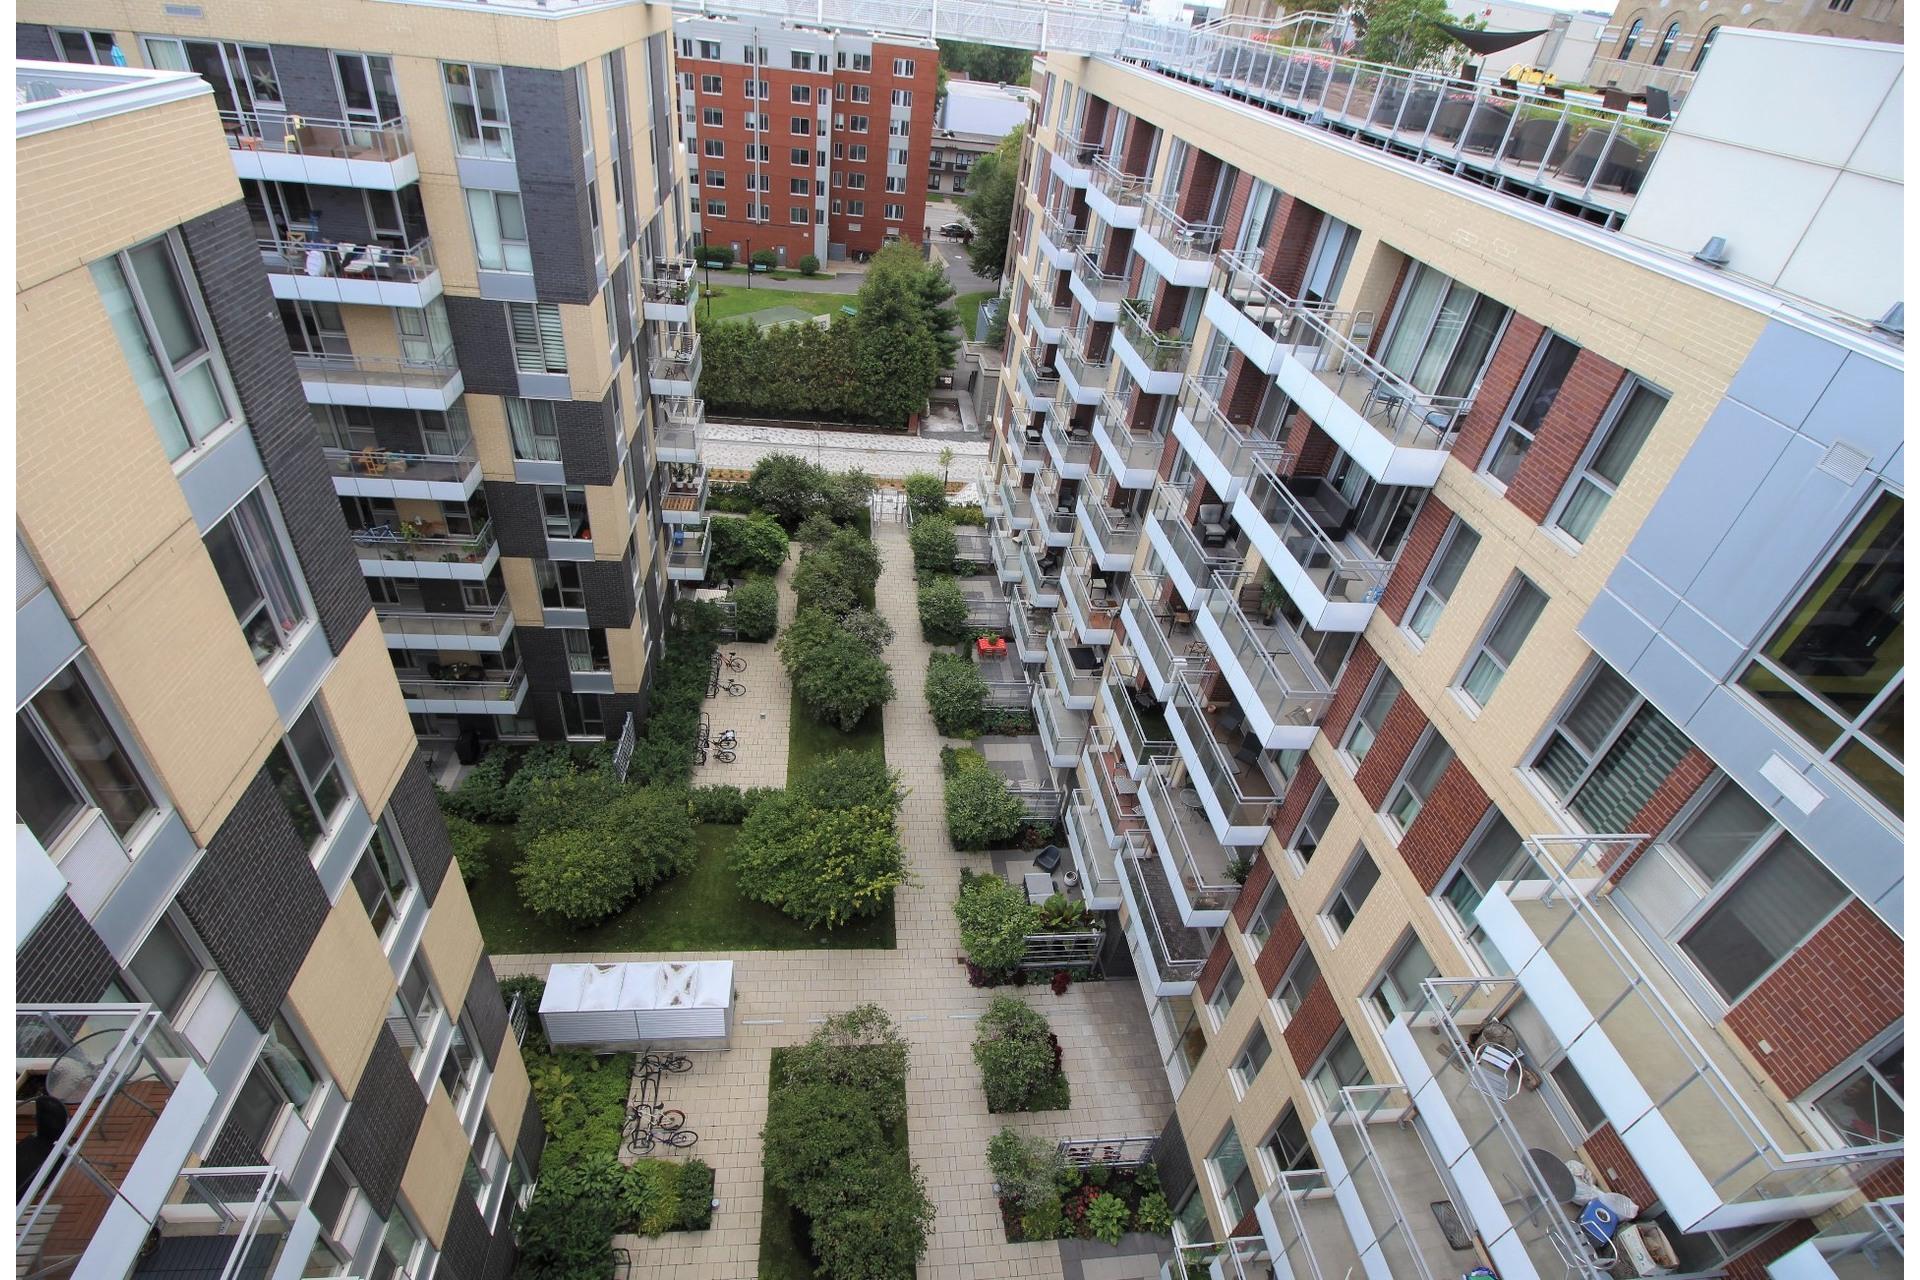 image 7 - Apartment For rent Montréal Le Sud-Ouest  - 3 rooms